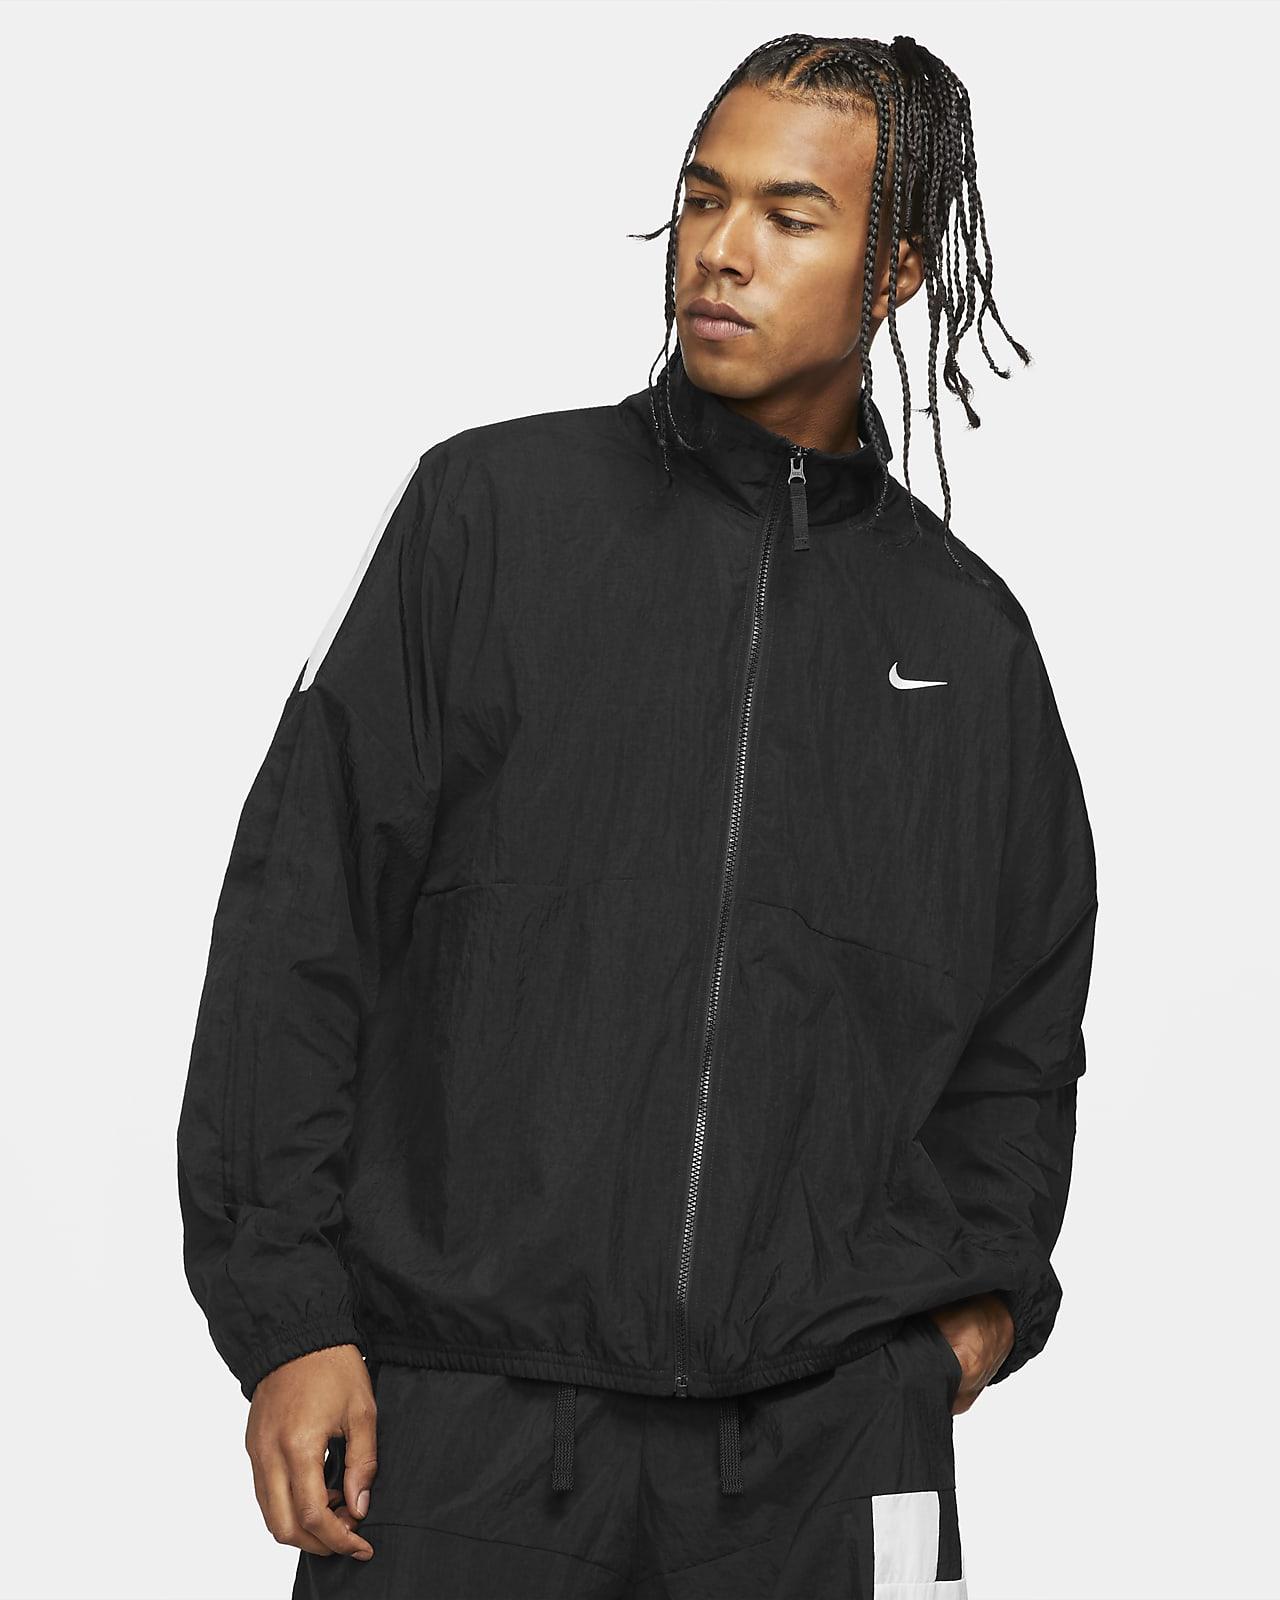 Giacca da basket Nike - Uomo